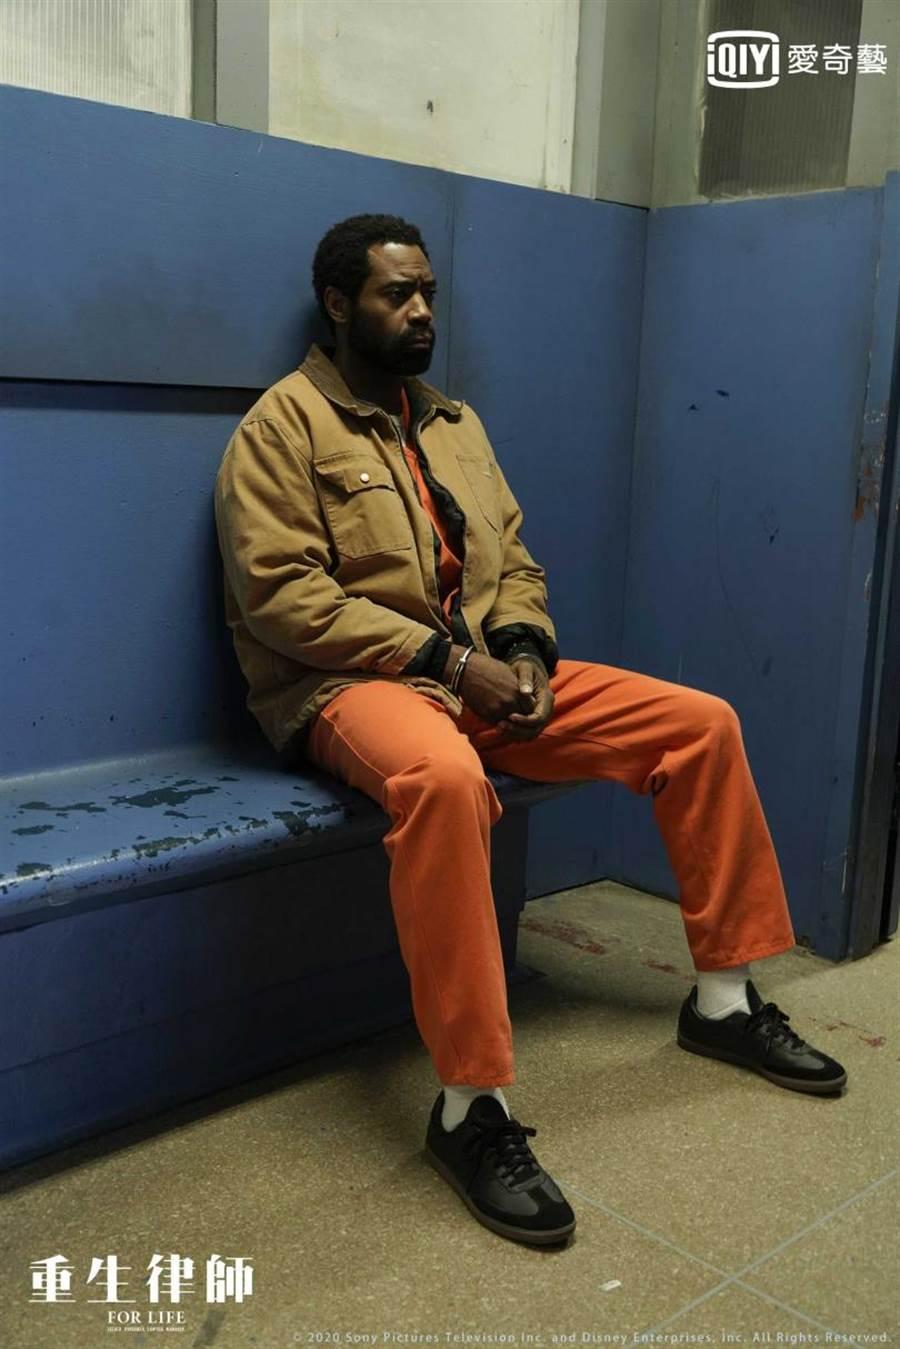 平諾克飾演亞倫·華萊士(Aaron Wallace)無辜入獄卻被判處無期徒刑。(圖/愛奇藝台灣站提供)